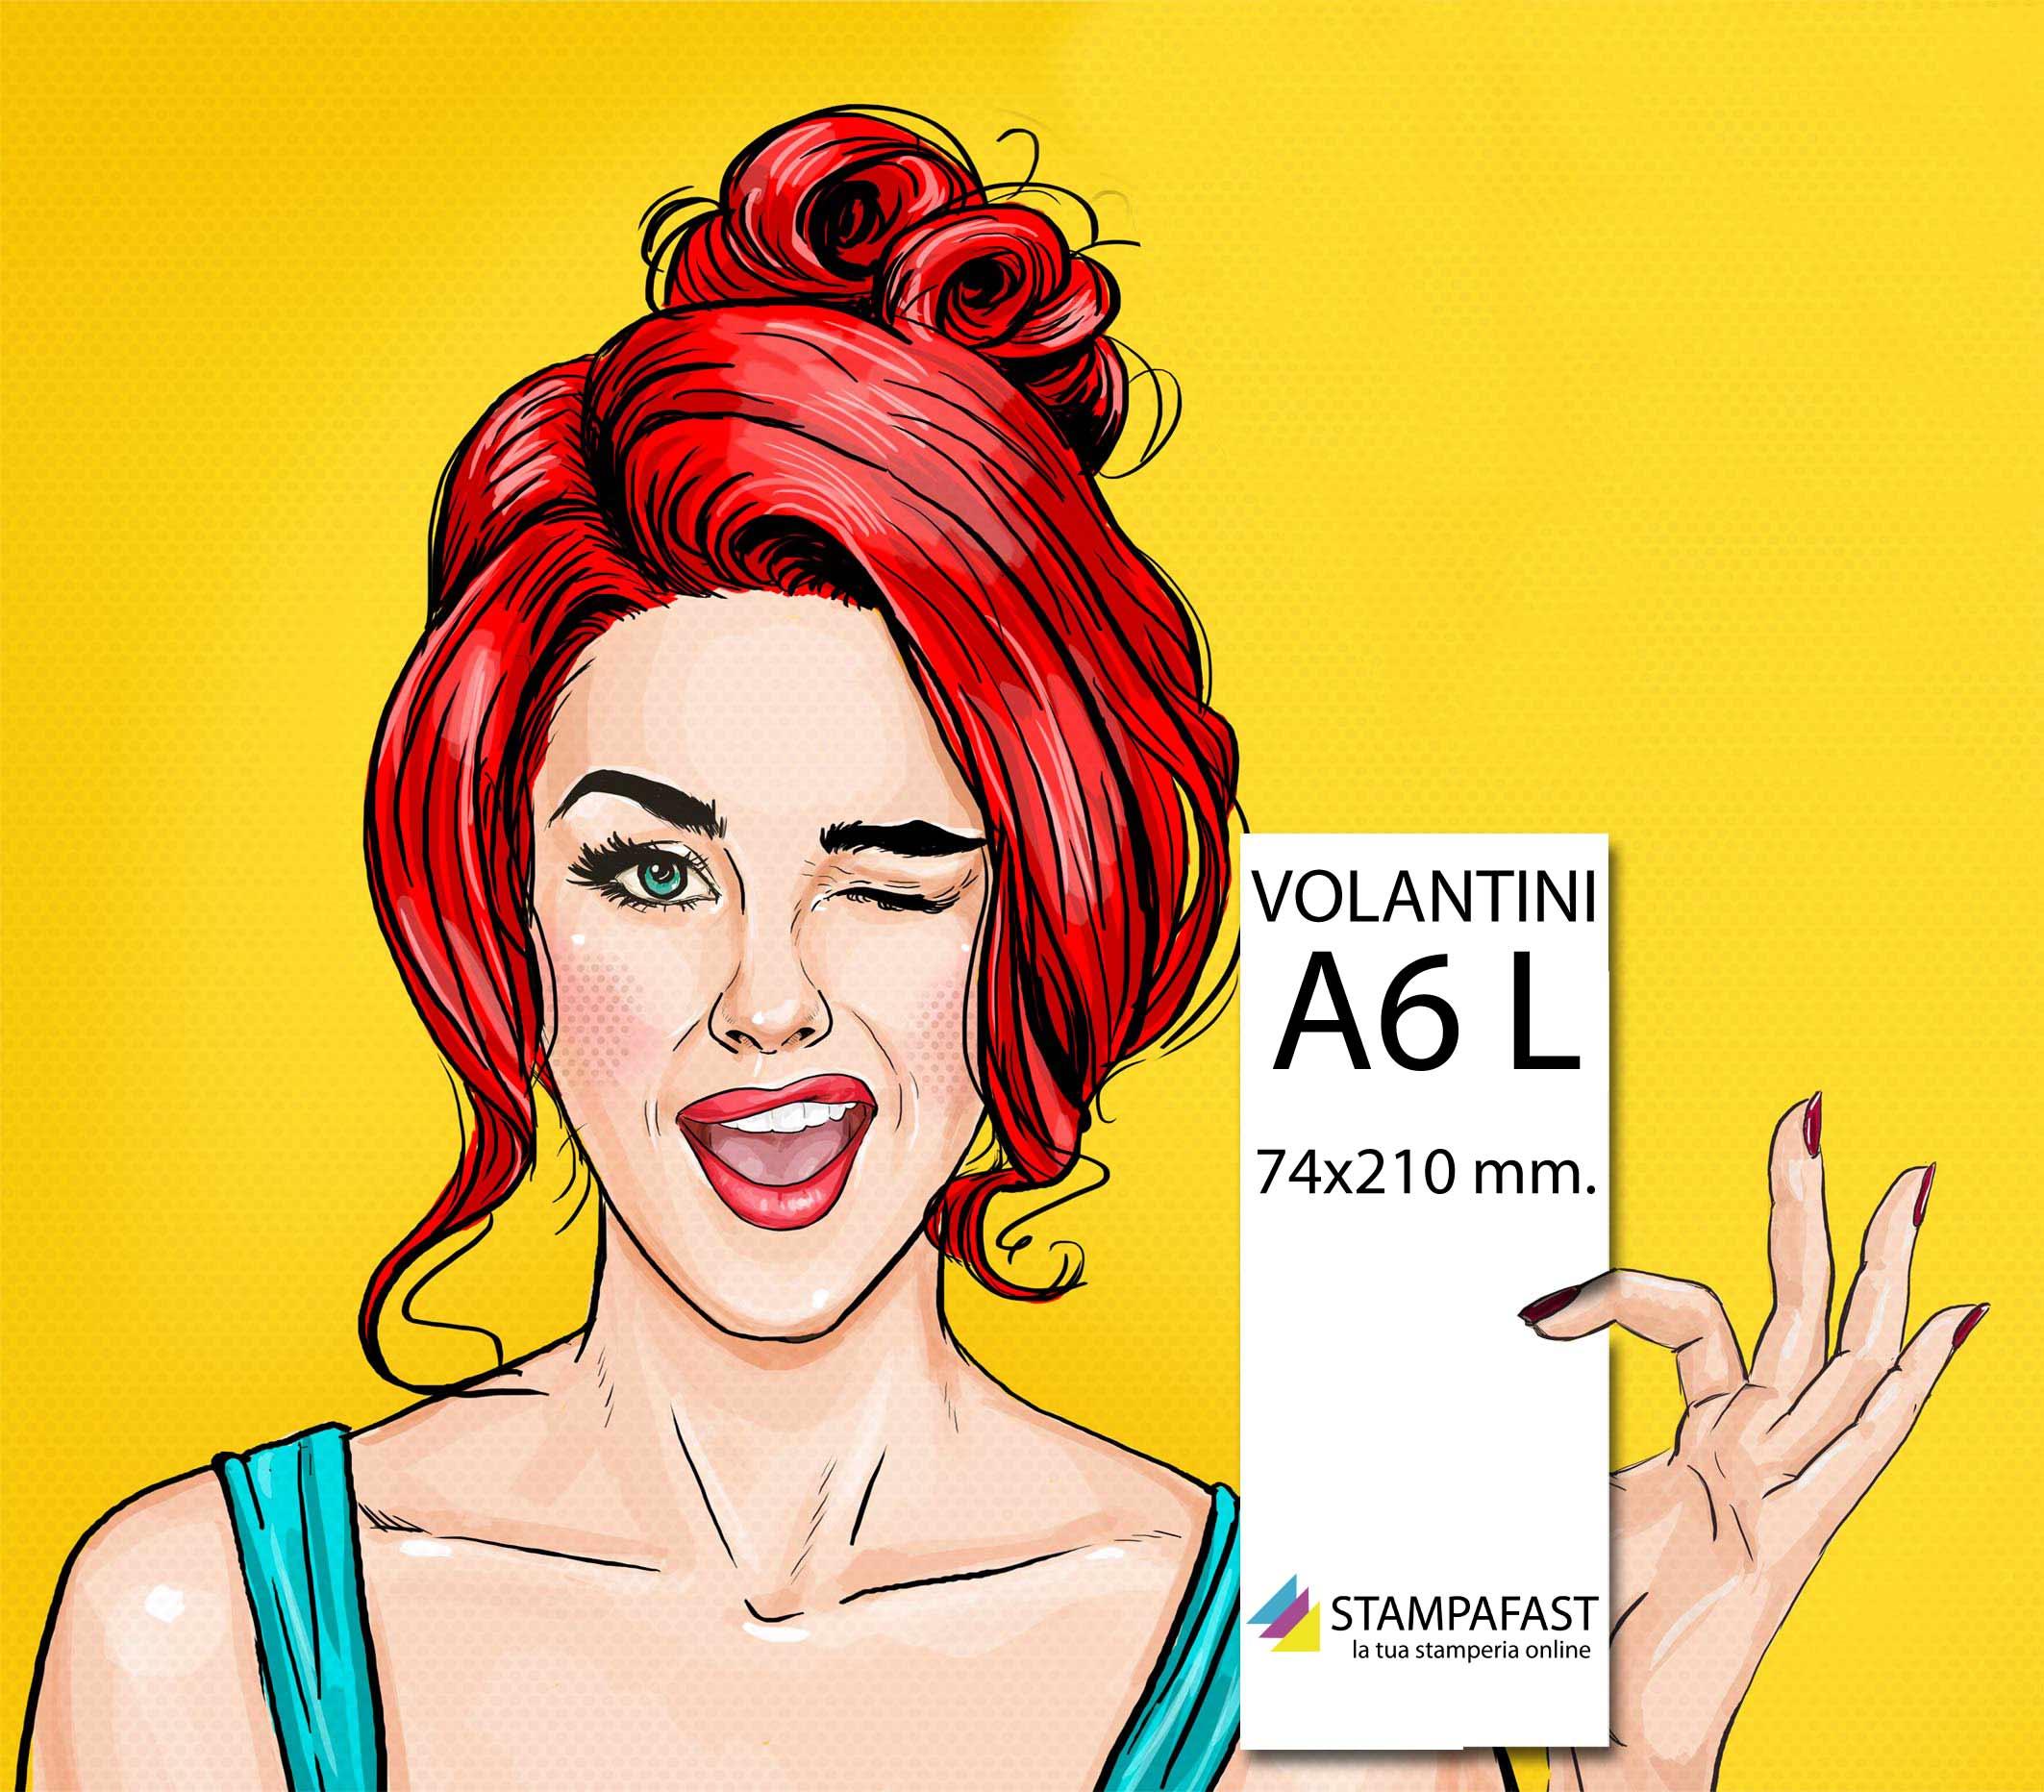 Volantini A7L